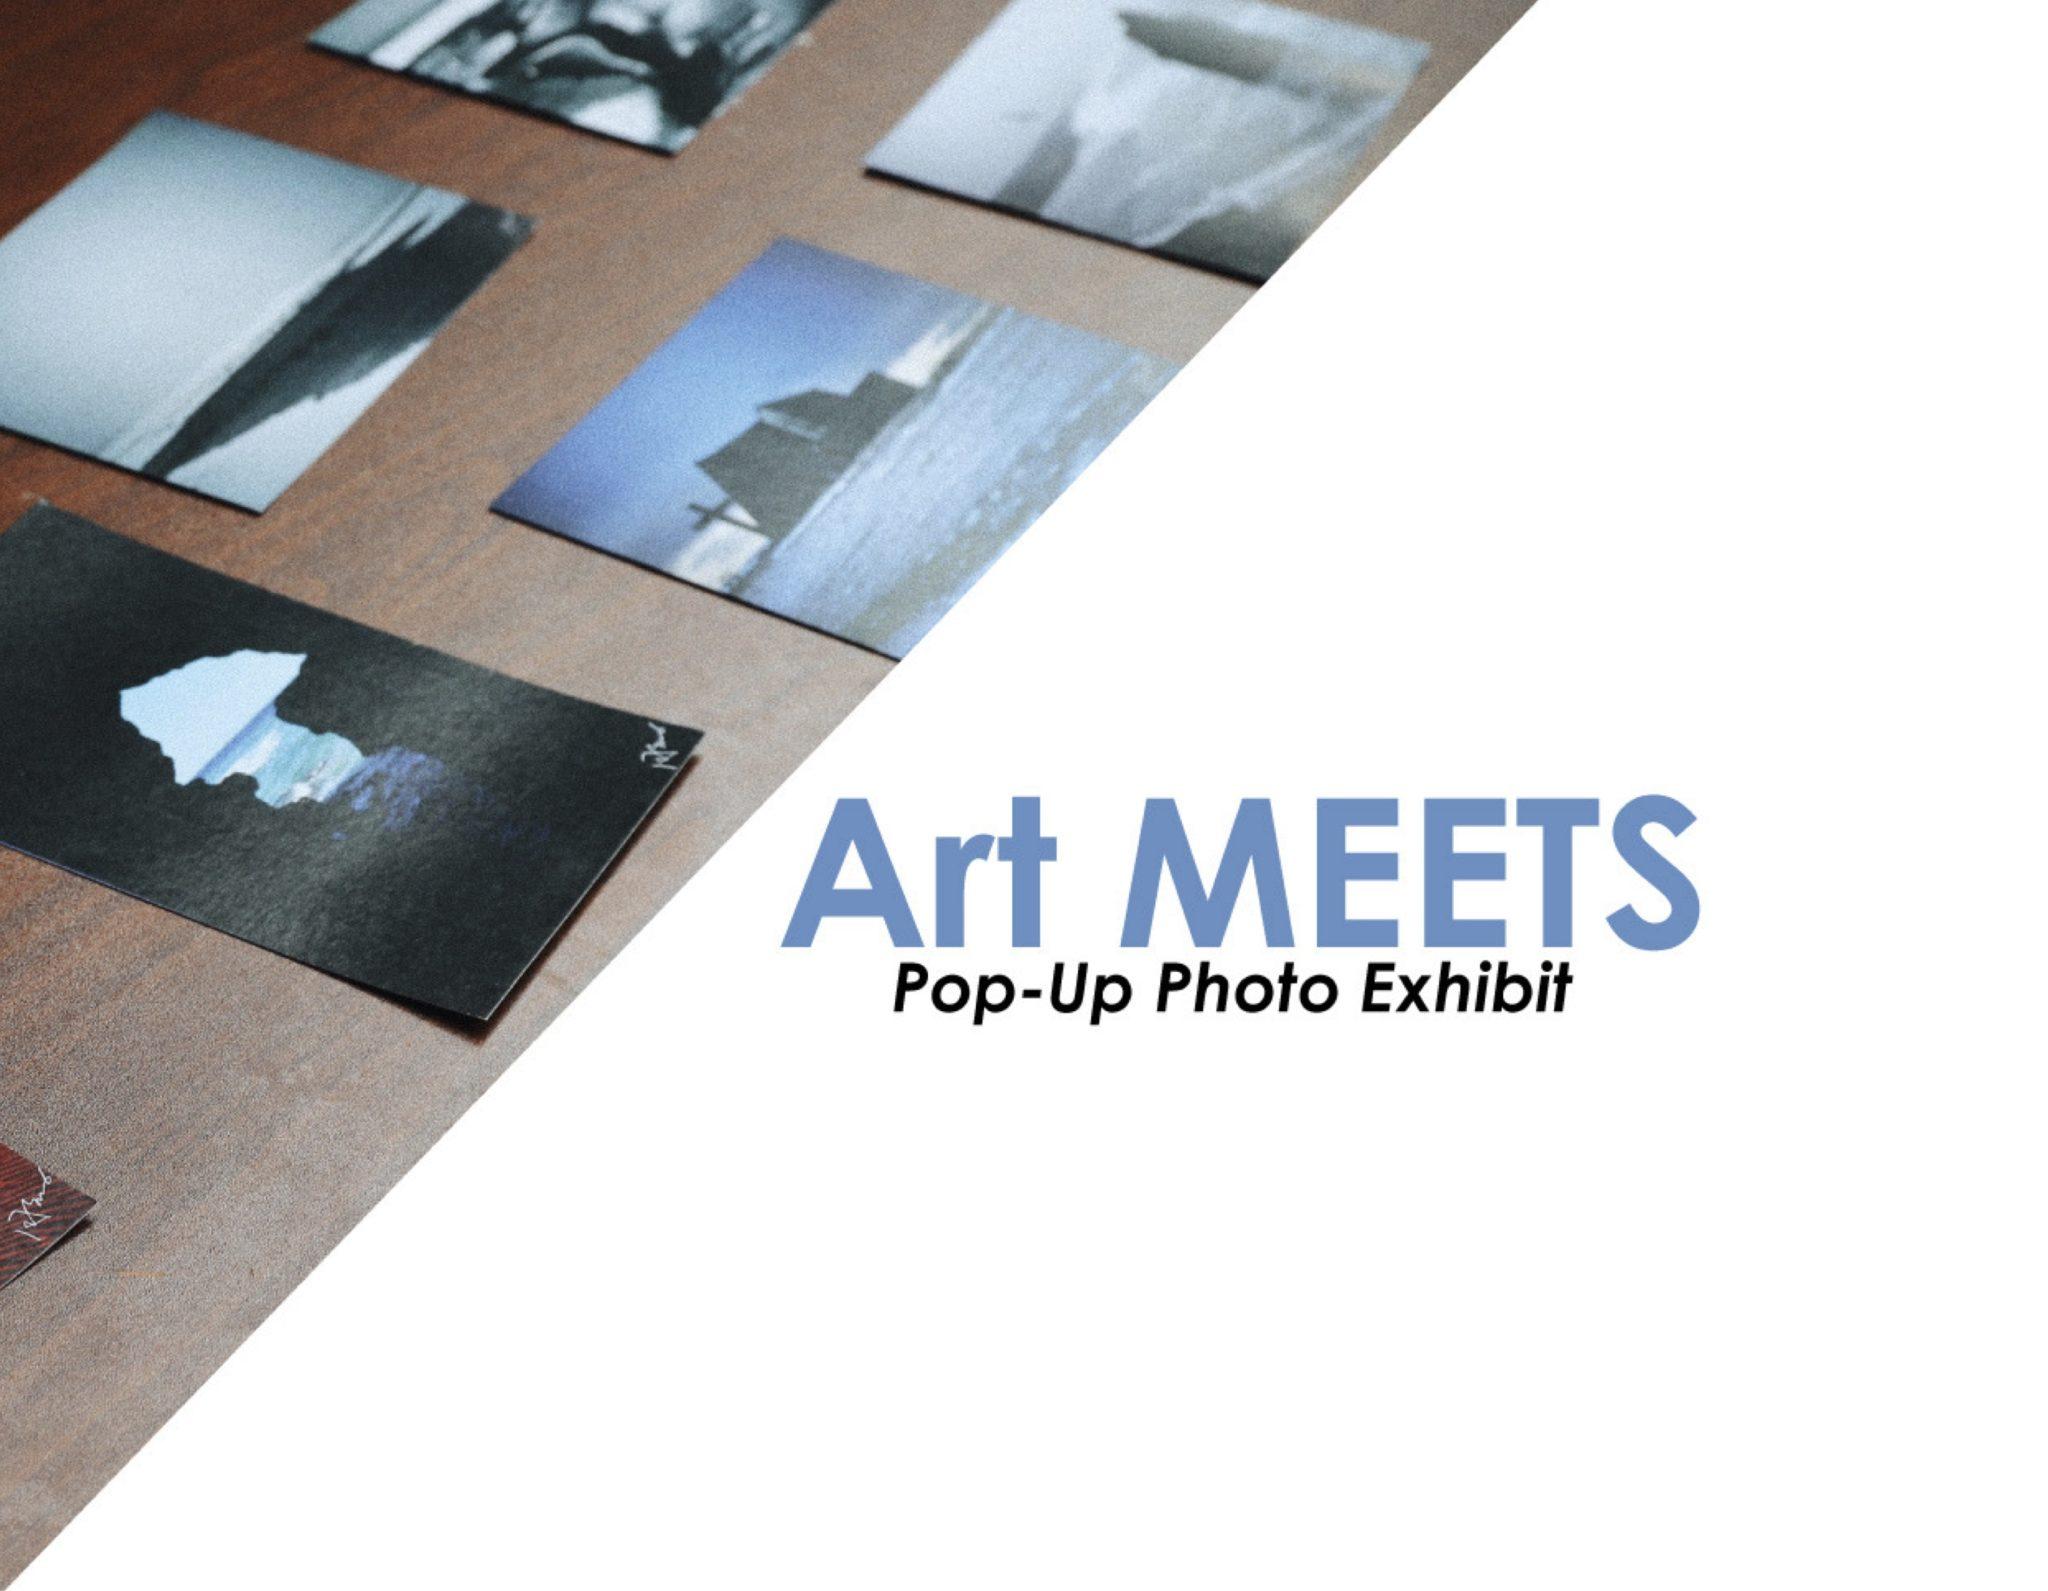 Art MEETS: Pop-Up Photo Exhibit